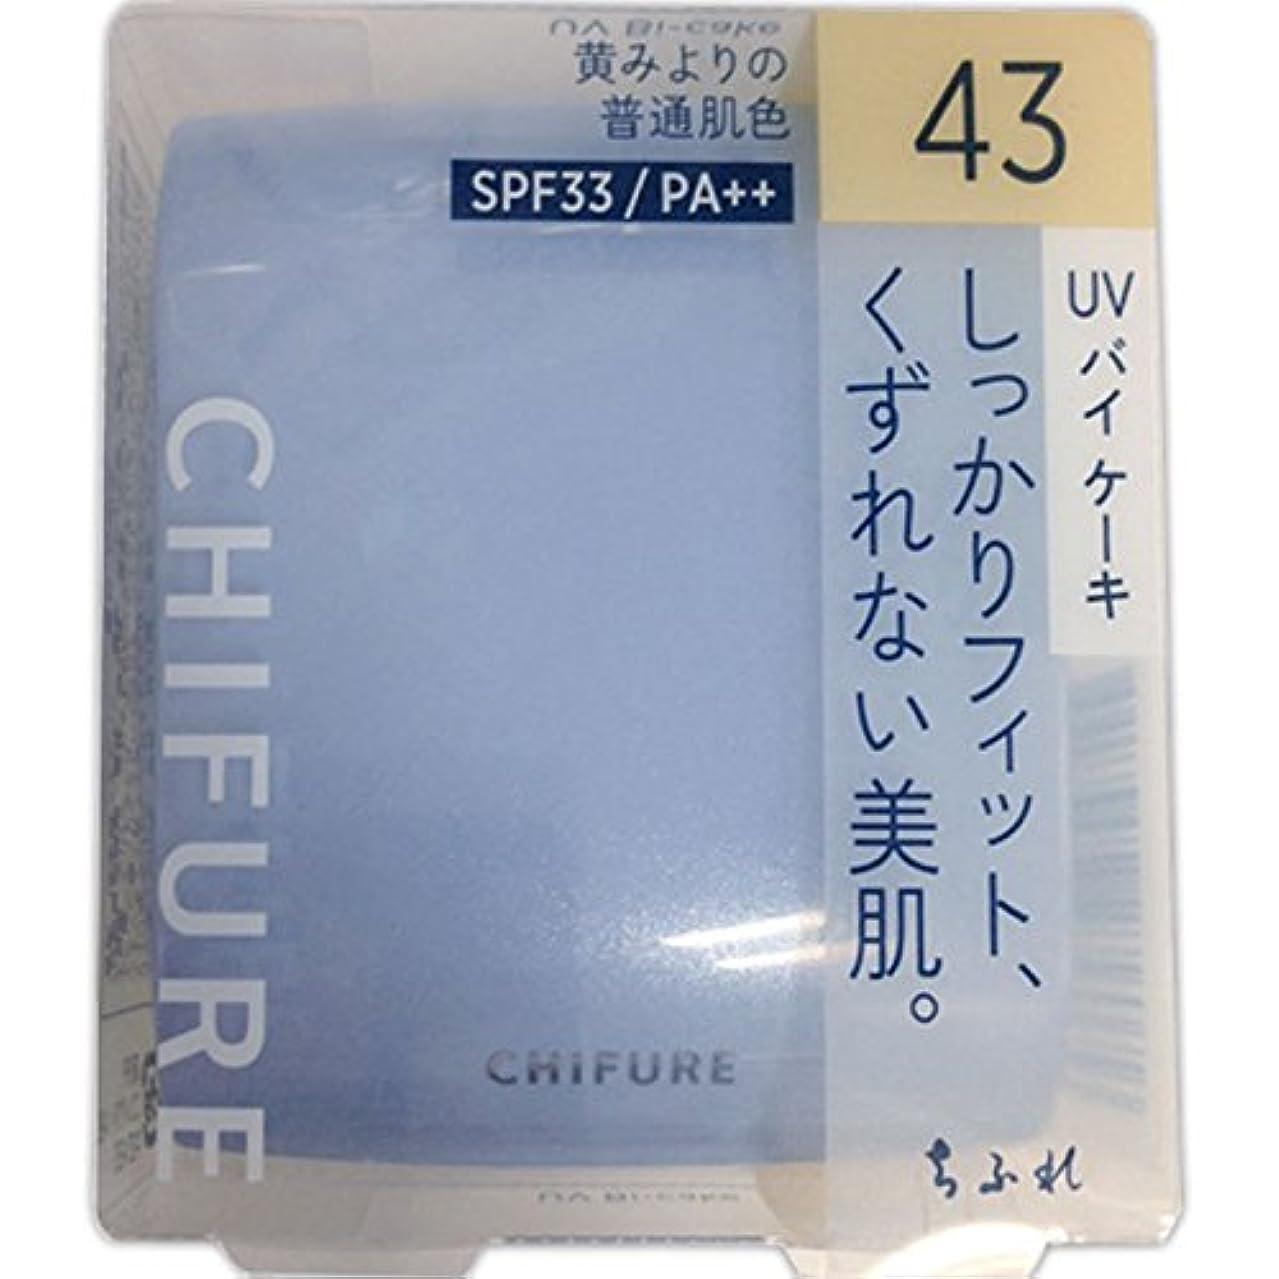 シーケンスポジションごちそうちふれ化粧品 UV バイ ケーキ(スポンジ入り) 43 黄みよりの普通肌色 43